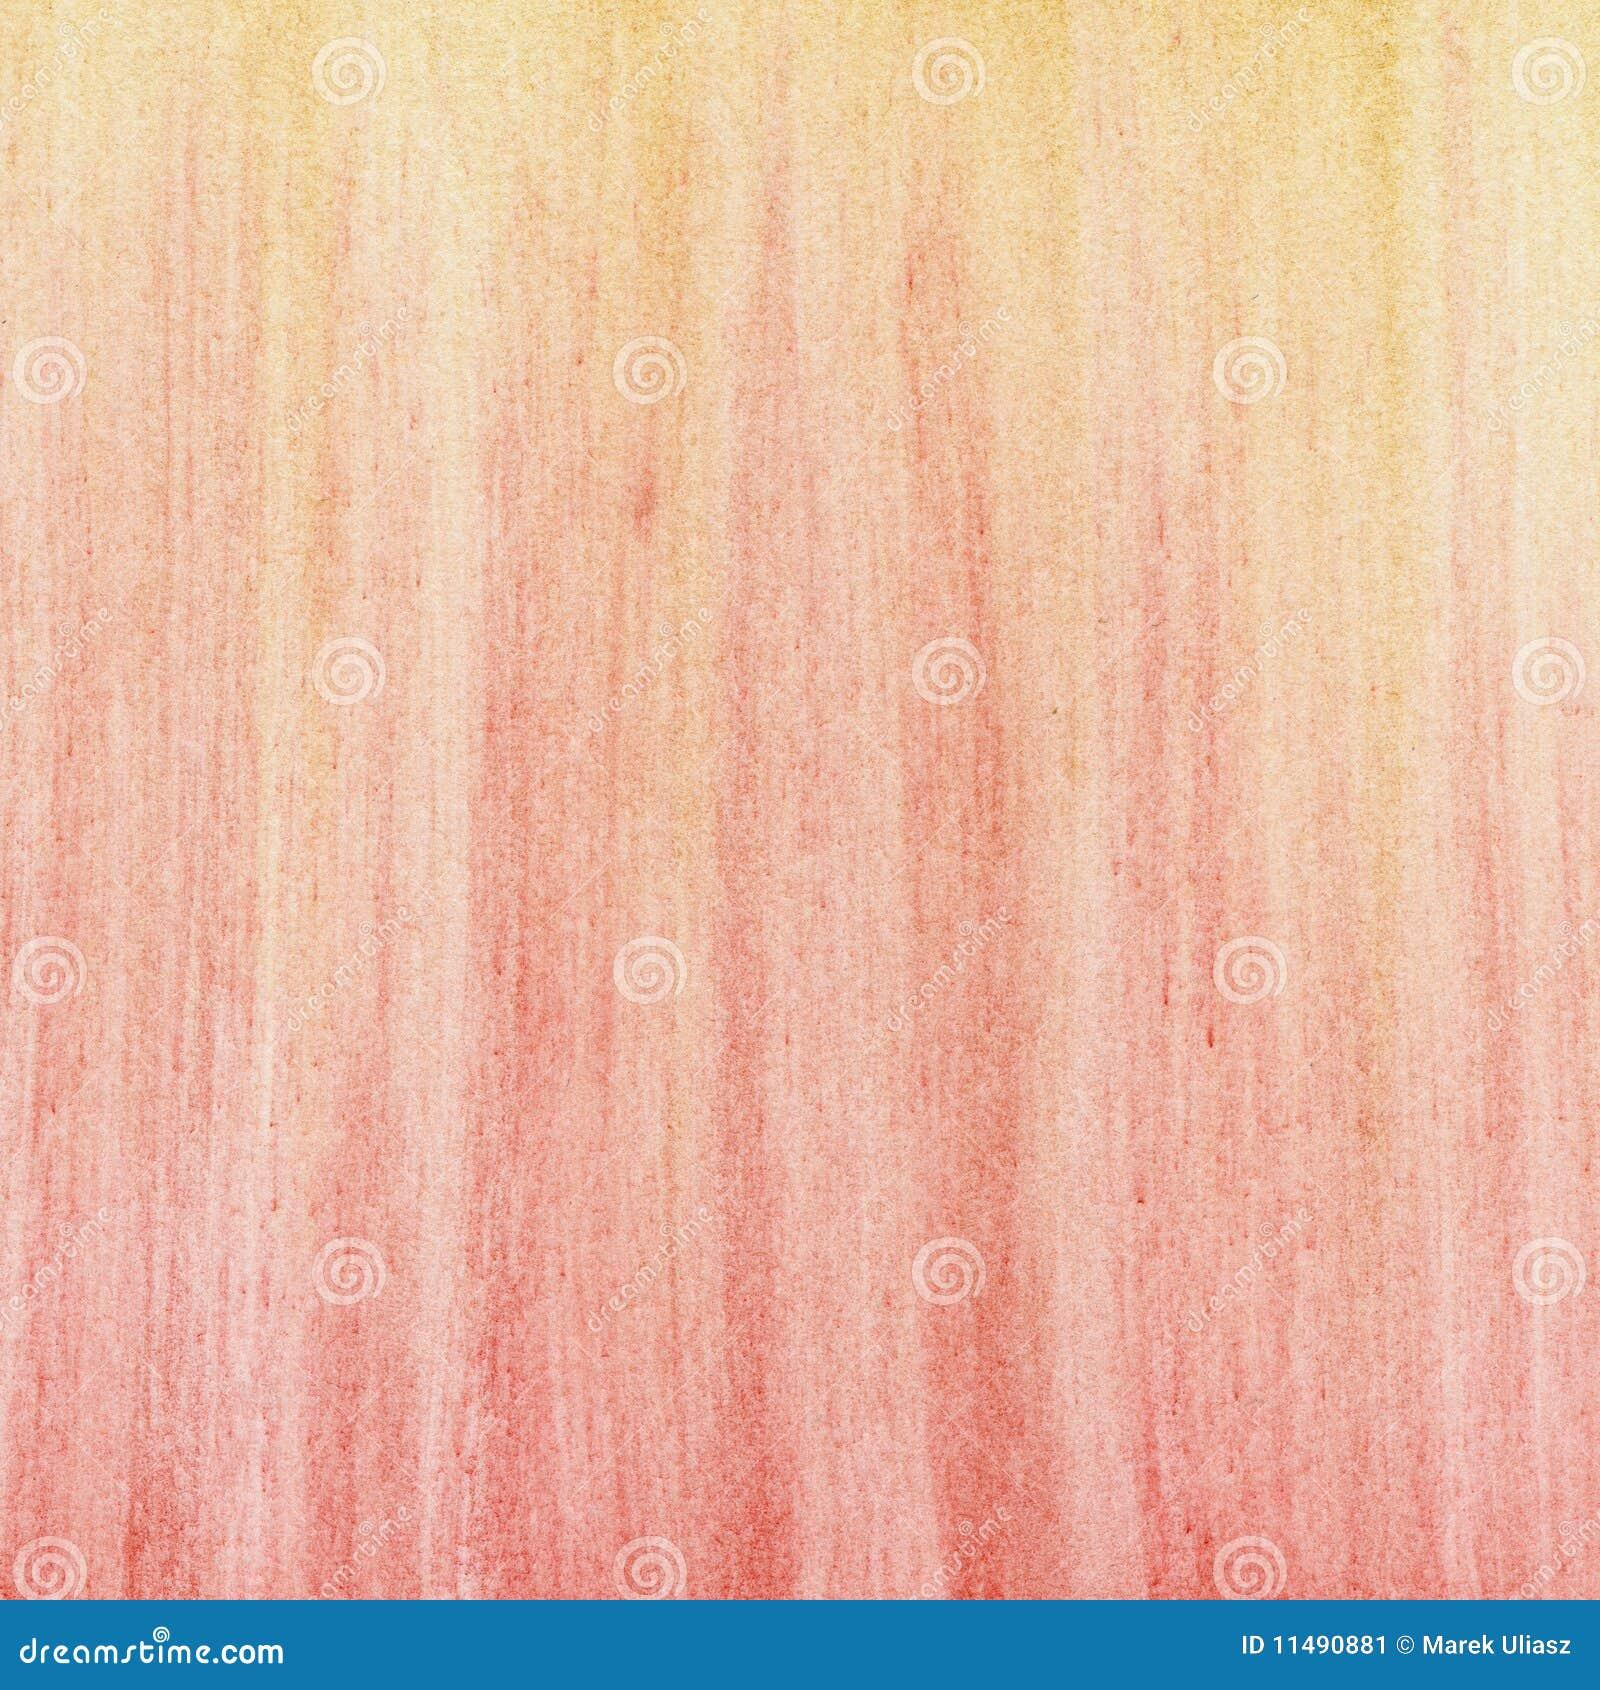 fondo-abstracto-en-colores-pastel-amarillo-rojo-11490881.jpg